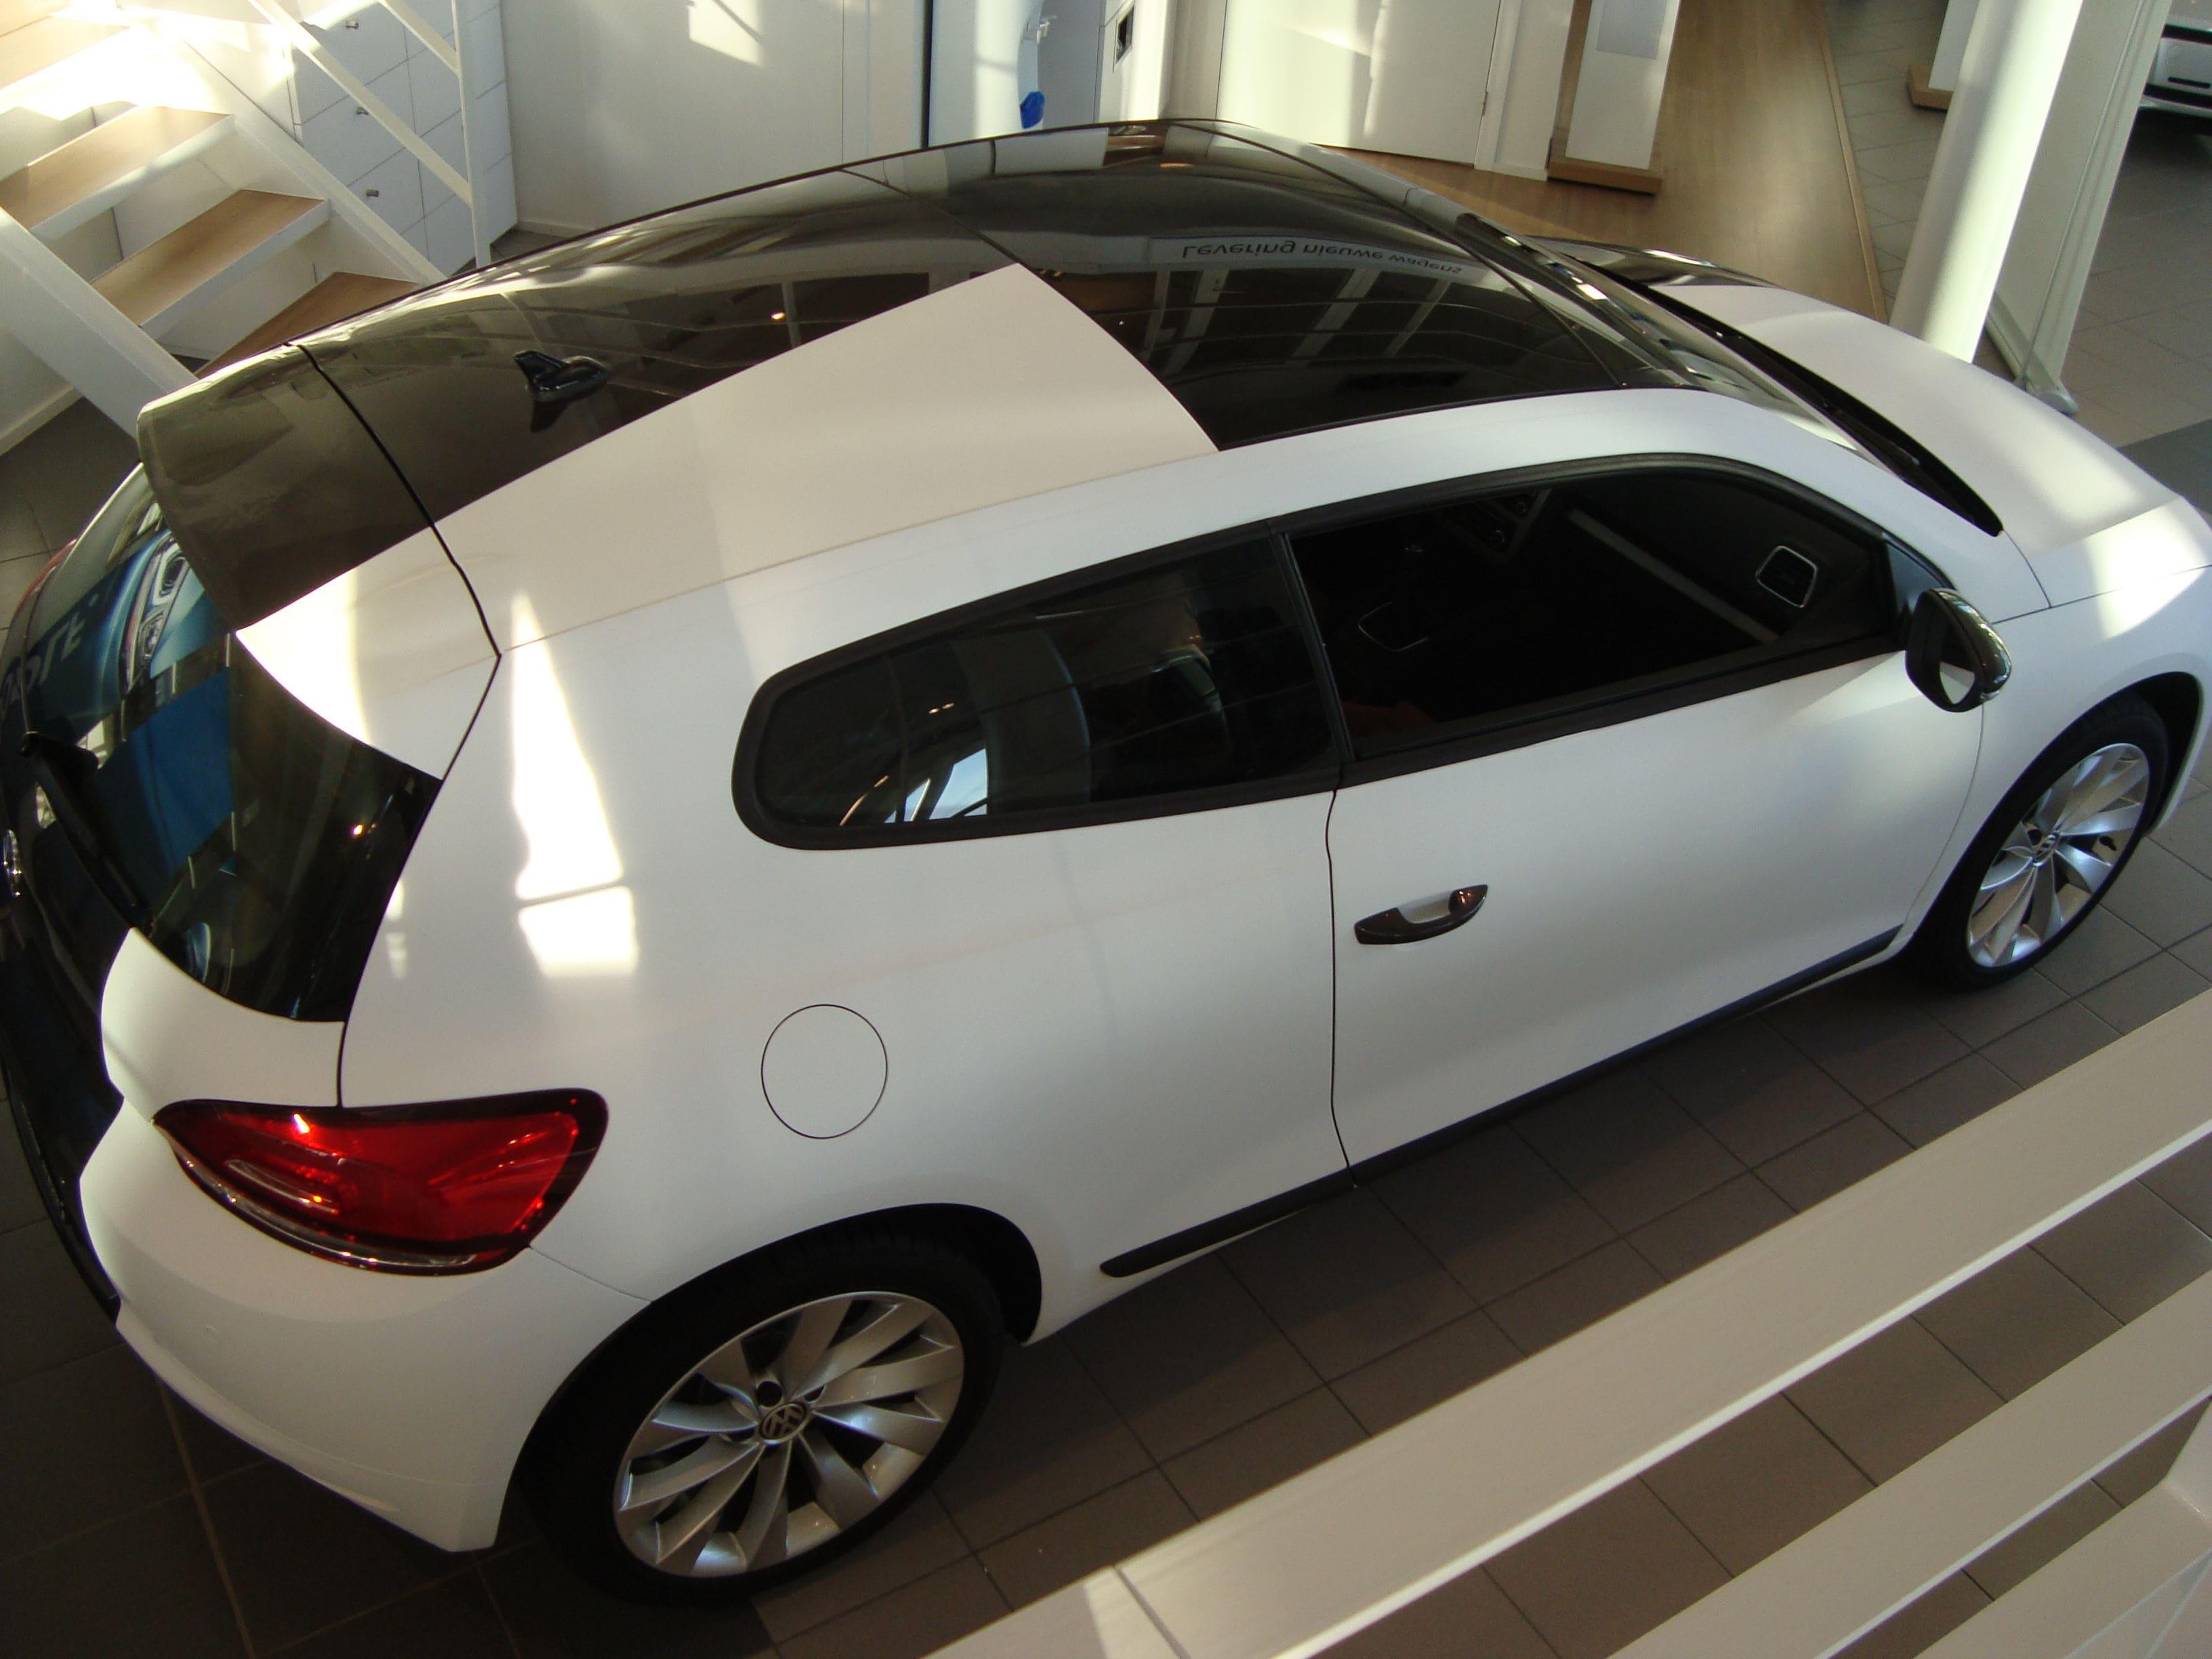 Volkswagen Scirocco met Halve Wrap in Zwart Wit, Carwrapping door Wrapmyride.nu Foto-nr:7045, ©2020